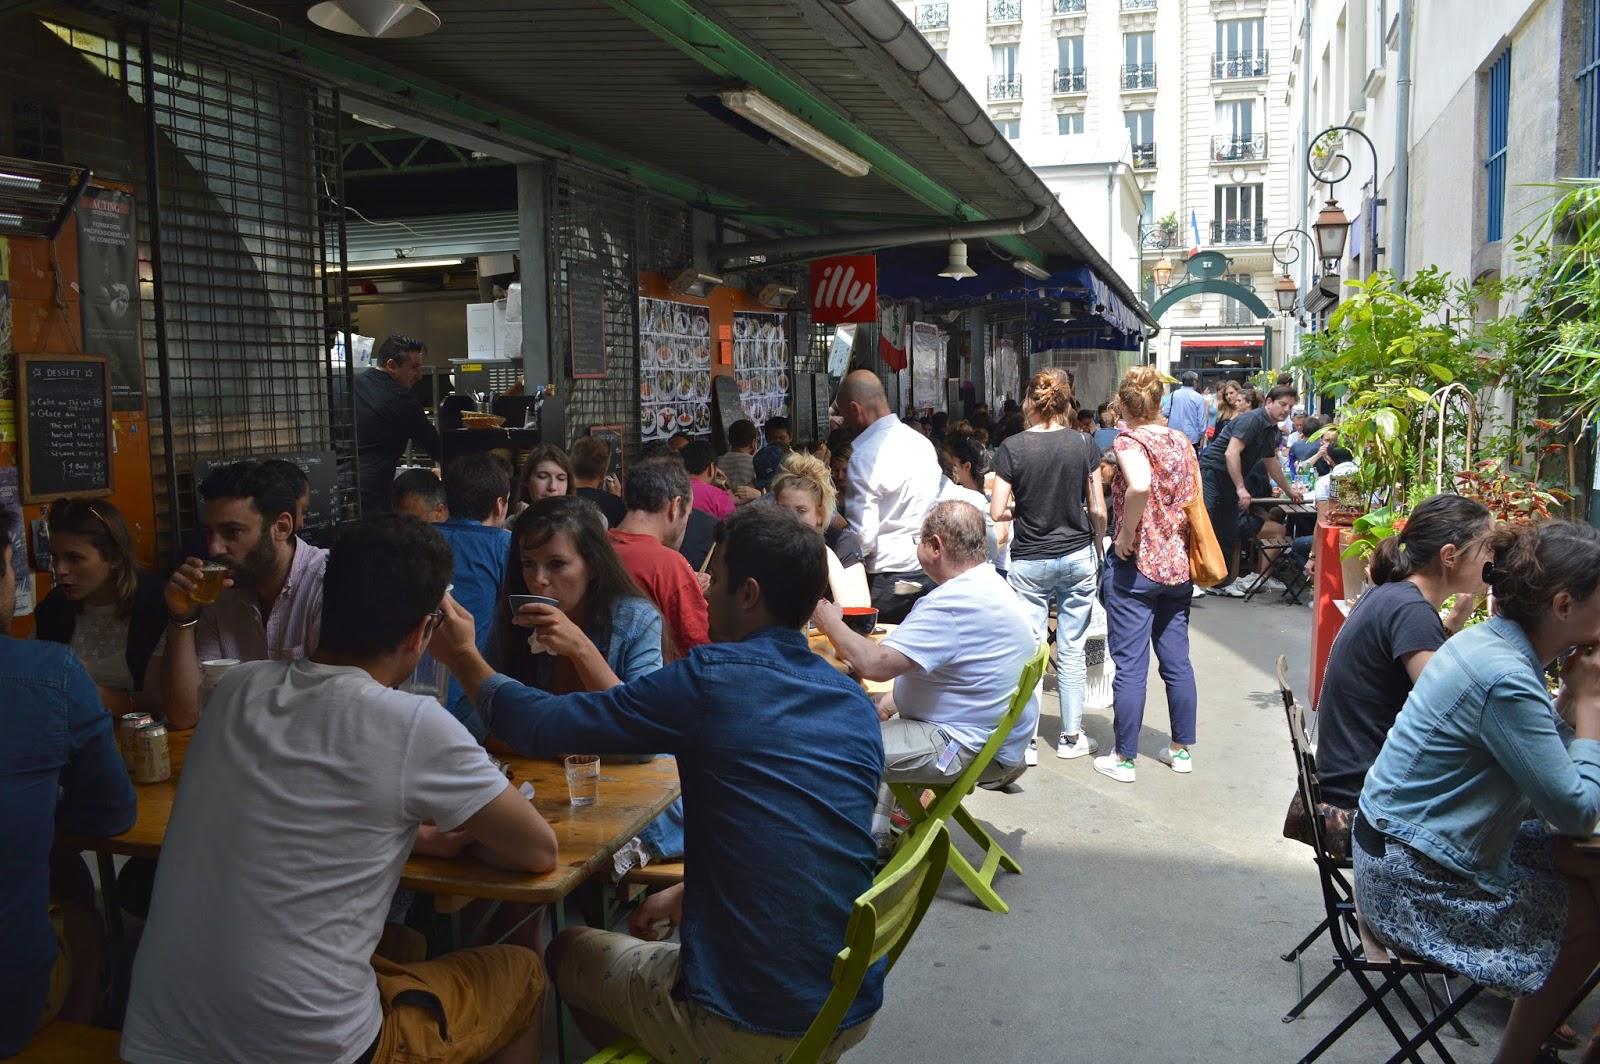 Parisians eating outdoors at Marché des enfants rouges Paris